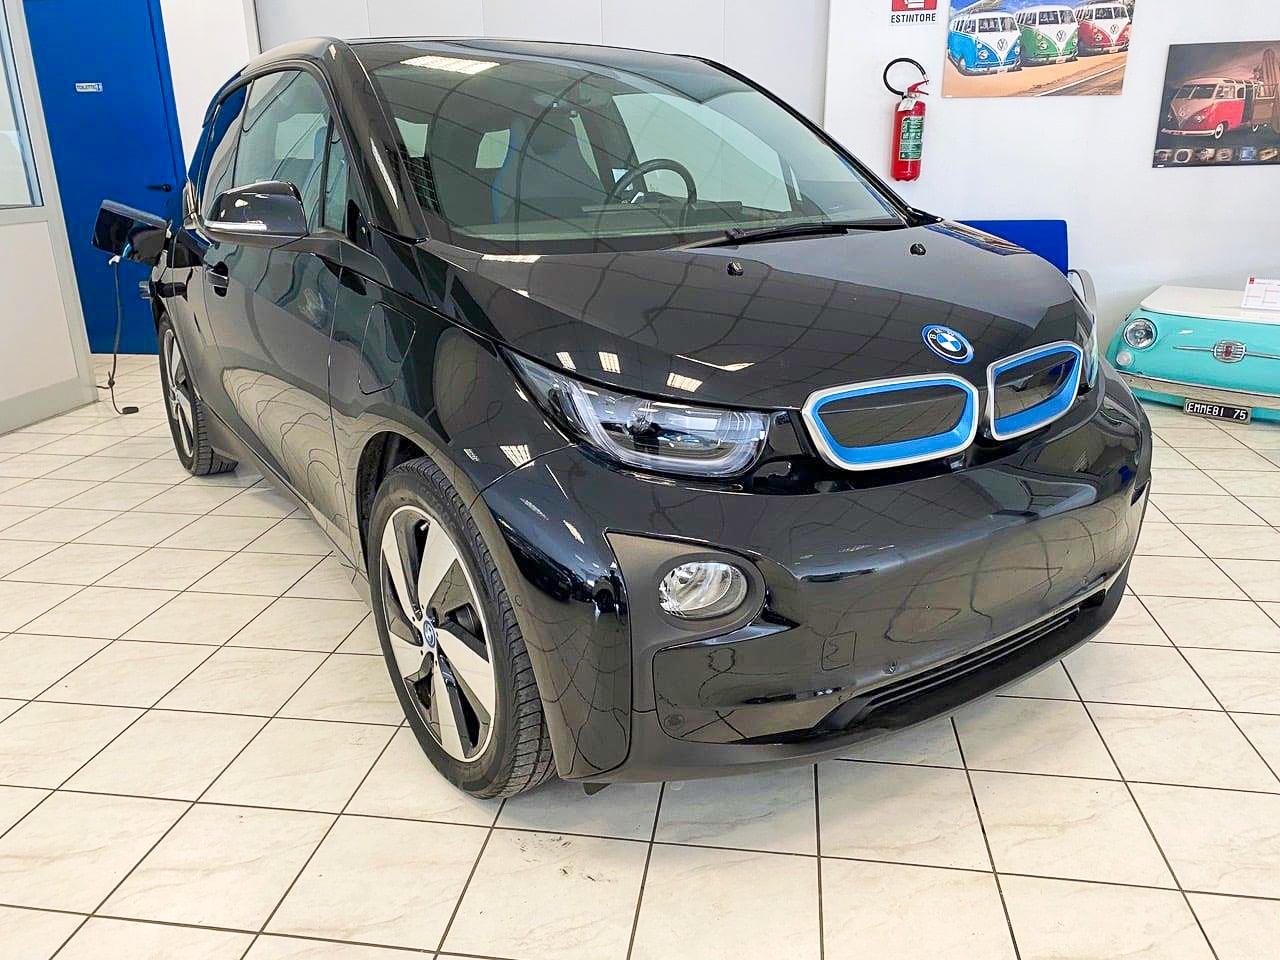 BMW3i rex anteriore